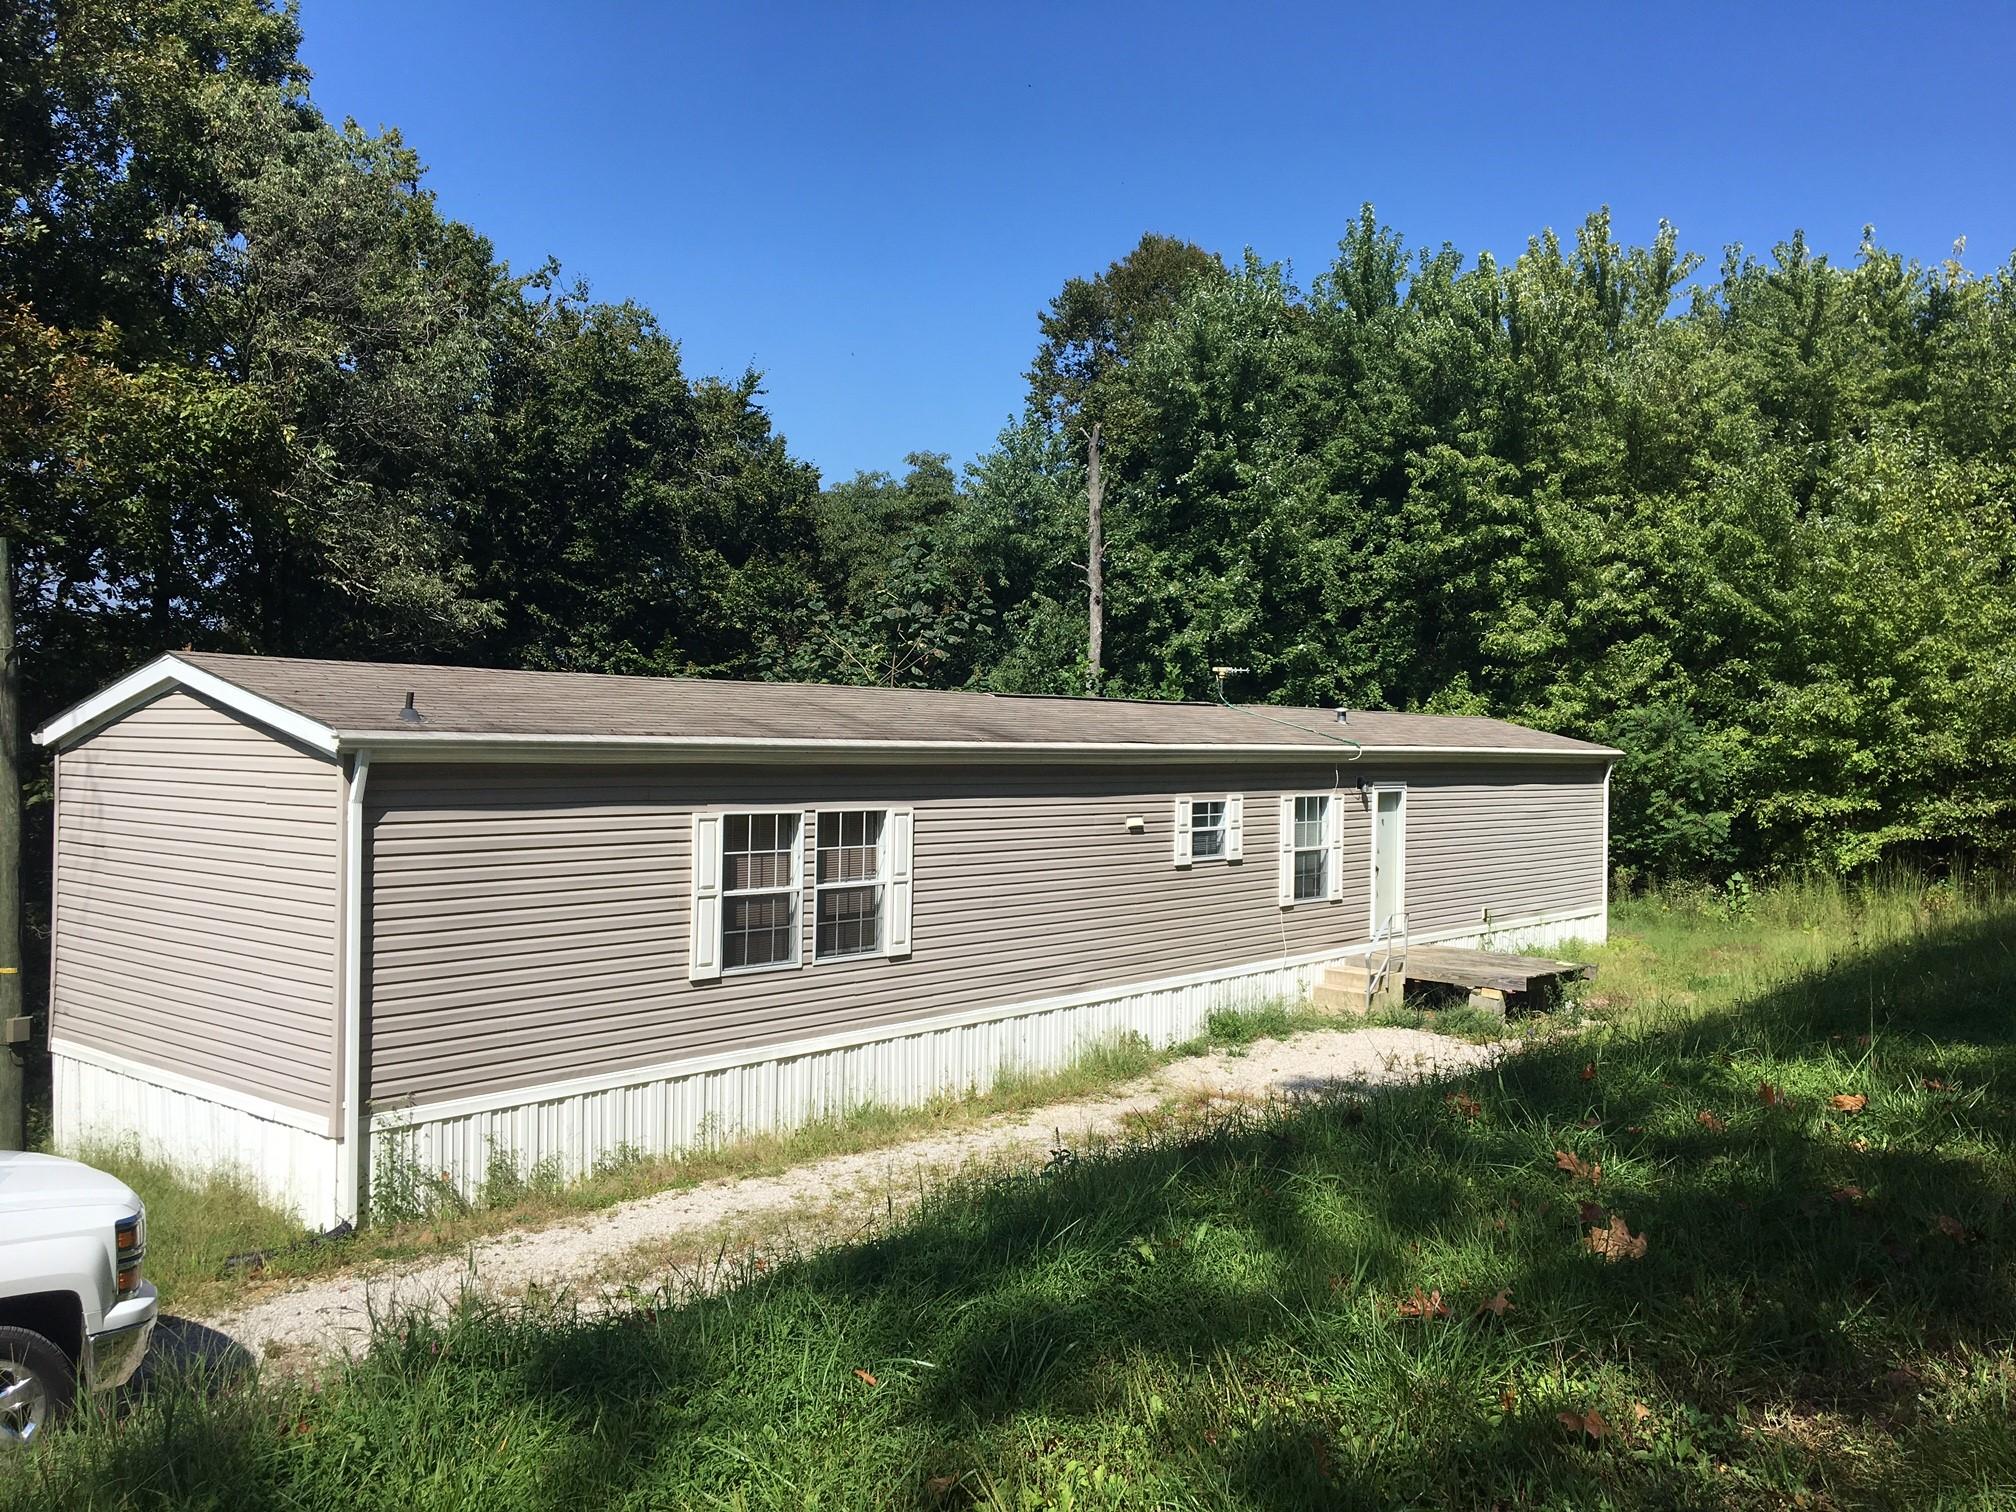 106 Flat Rock Rd. Battletown, KY 40104